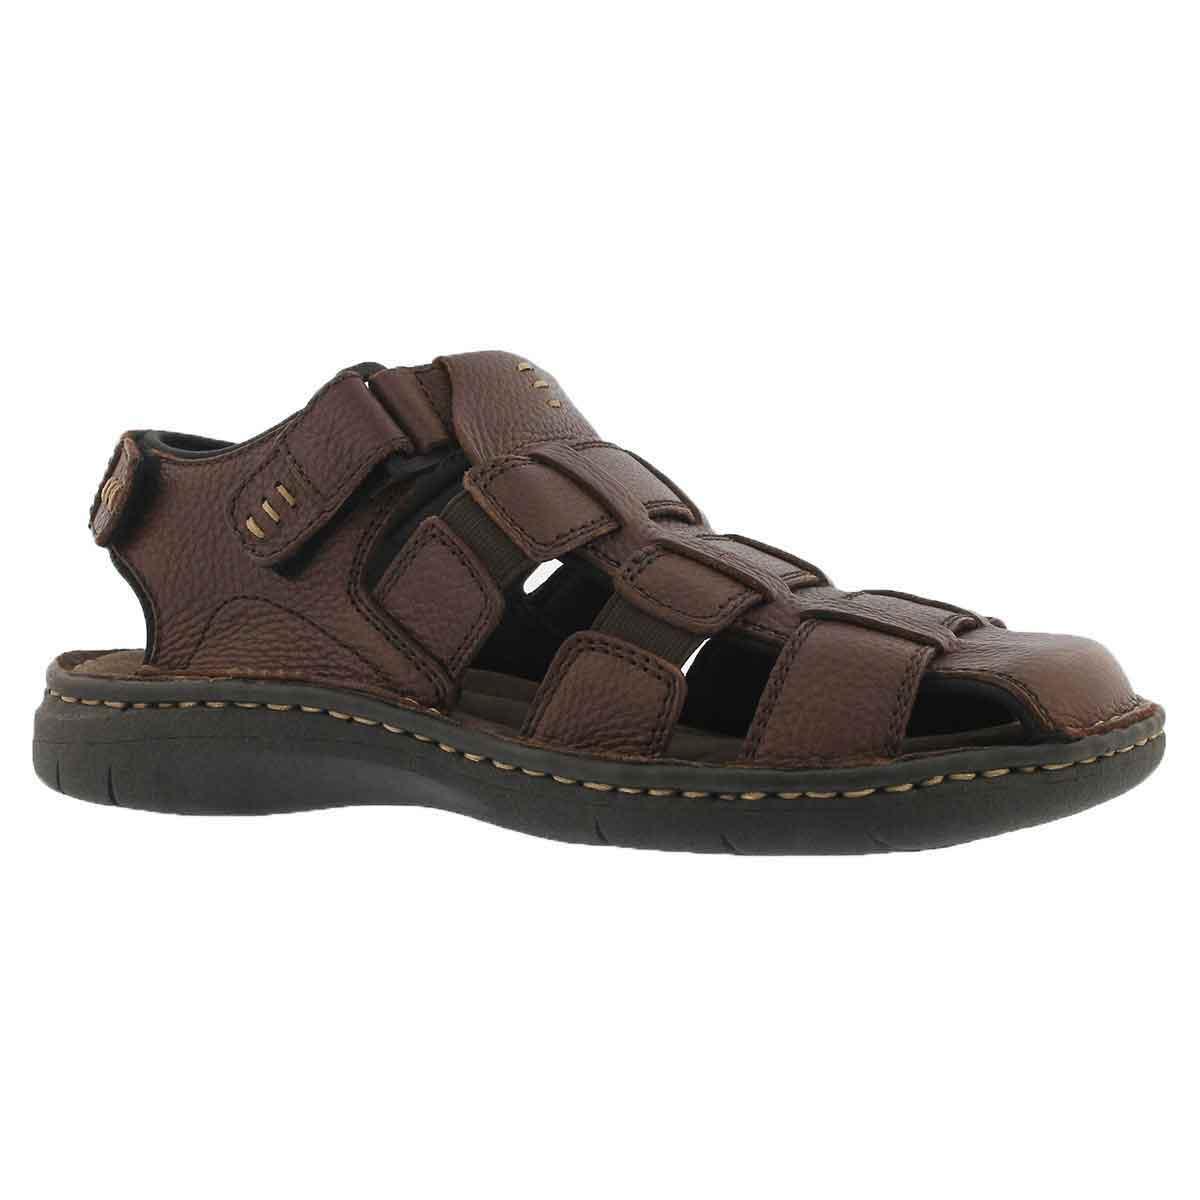 Men's CHARLES 4 brown fisherman sandals